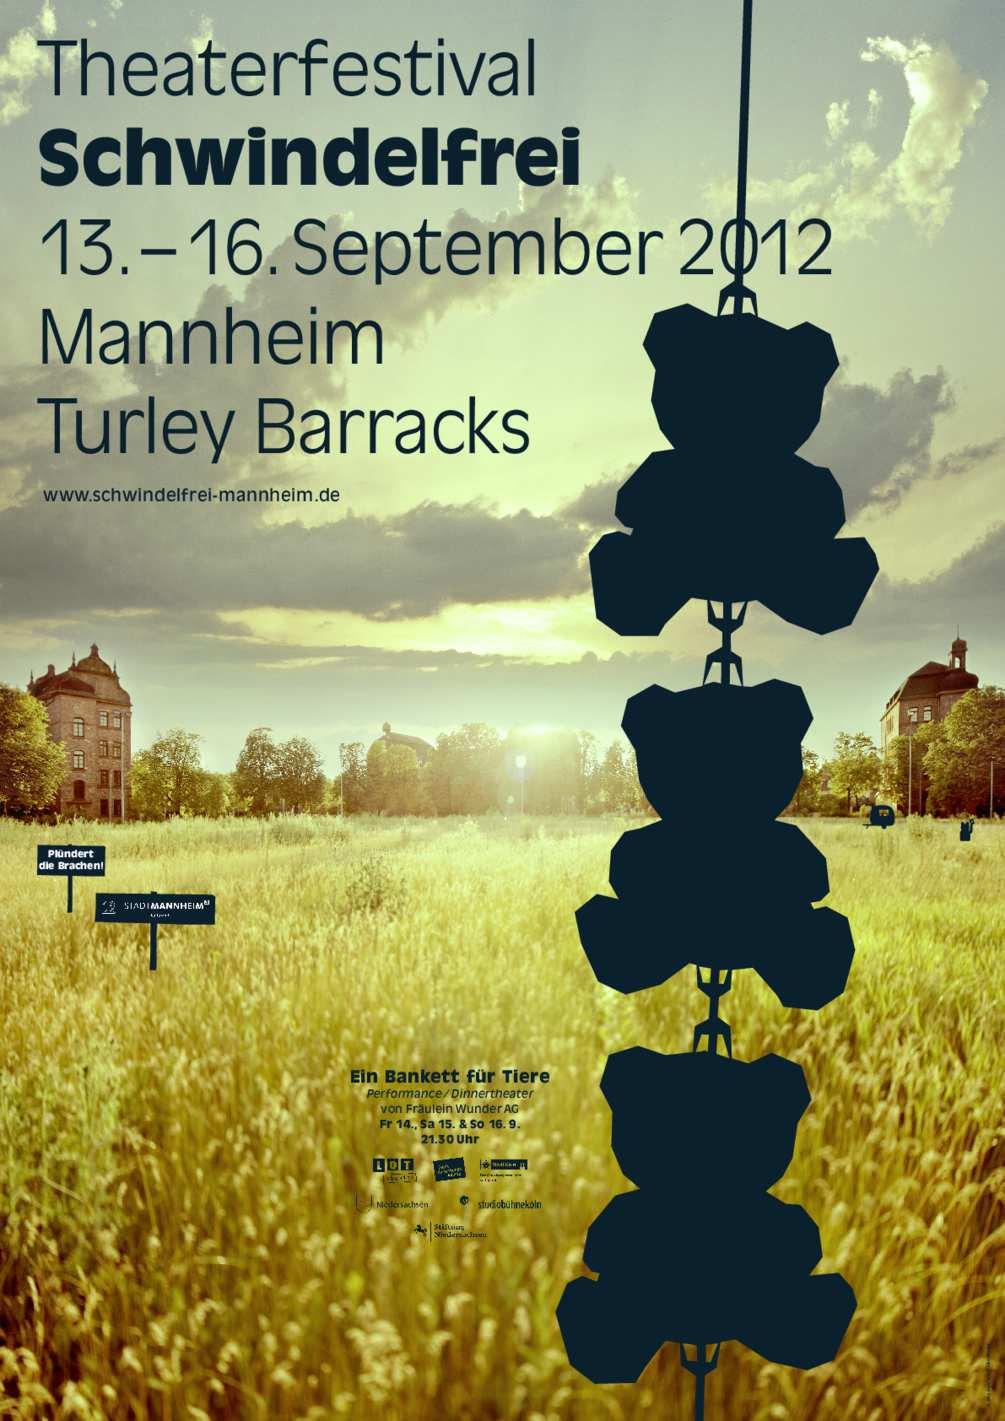 theater-festival-schwindelfrei-poster-02-1005x1421px